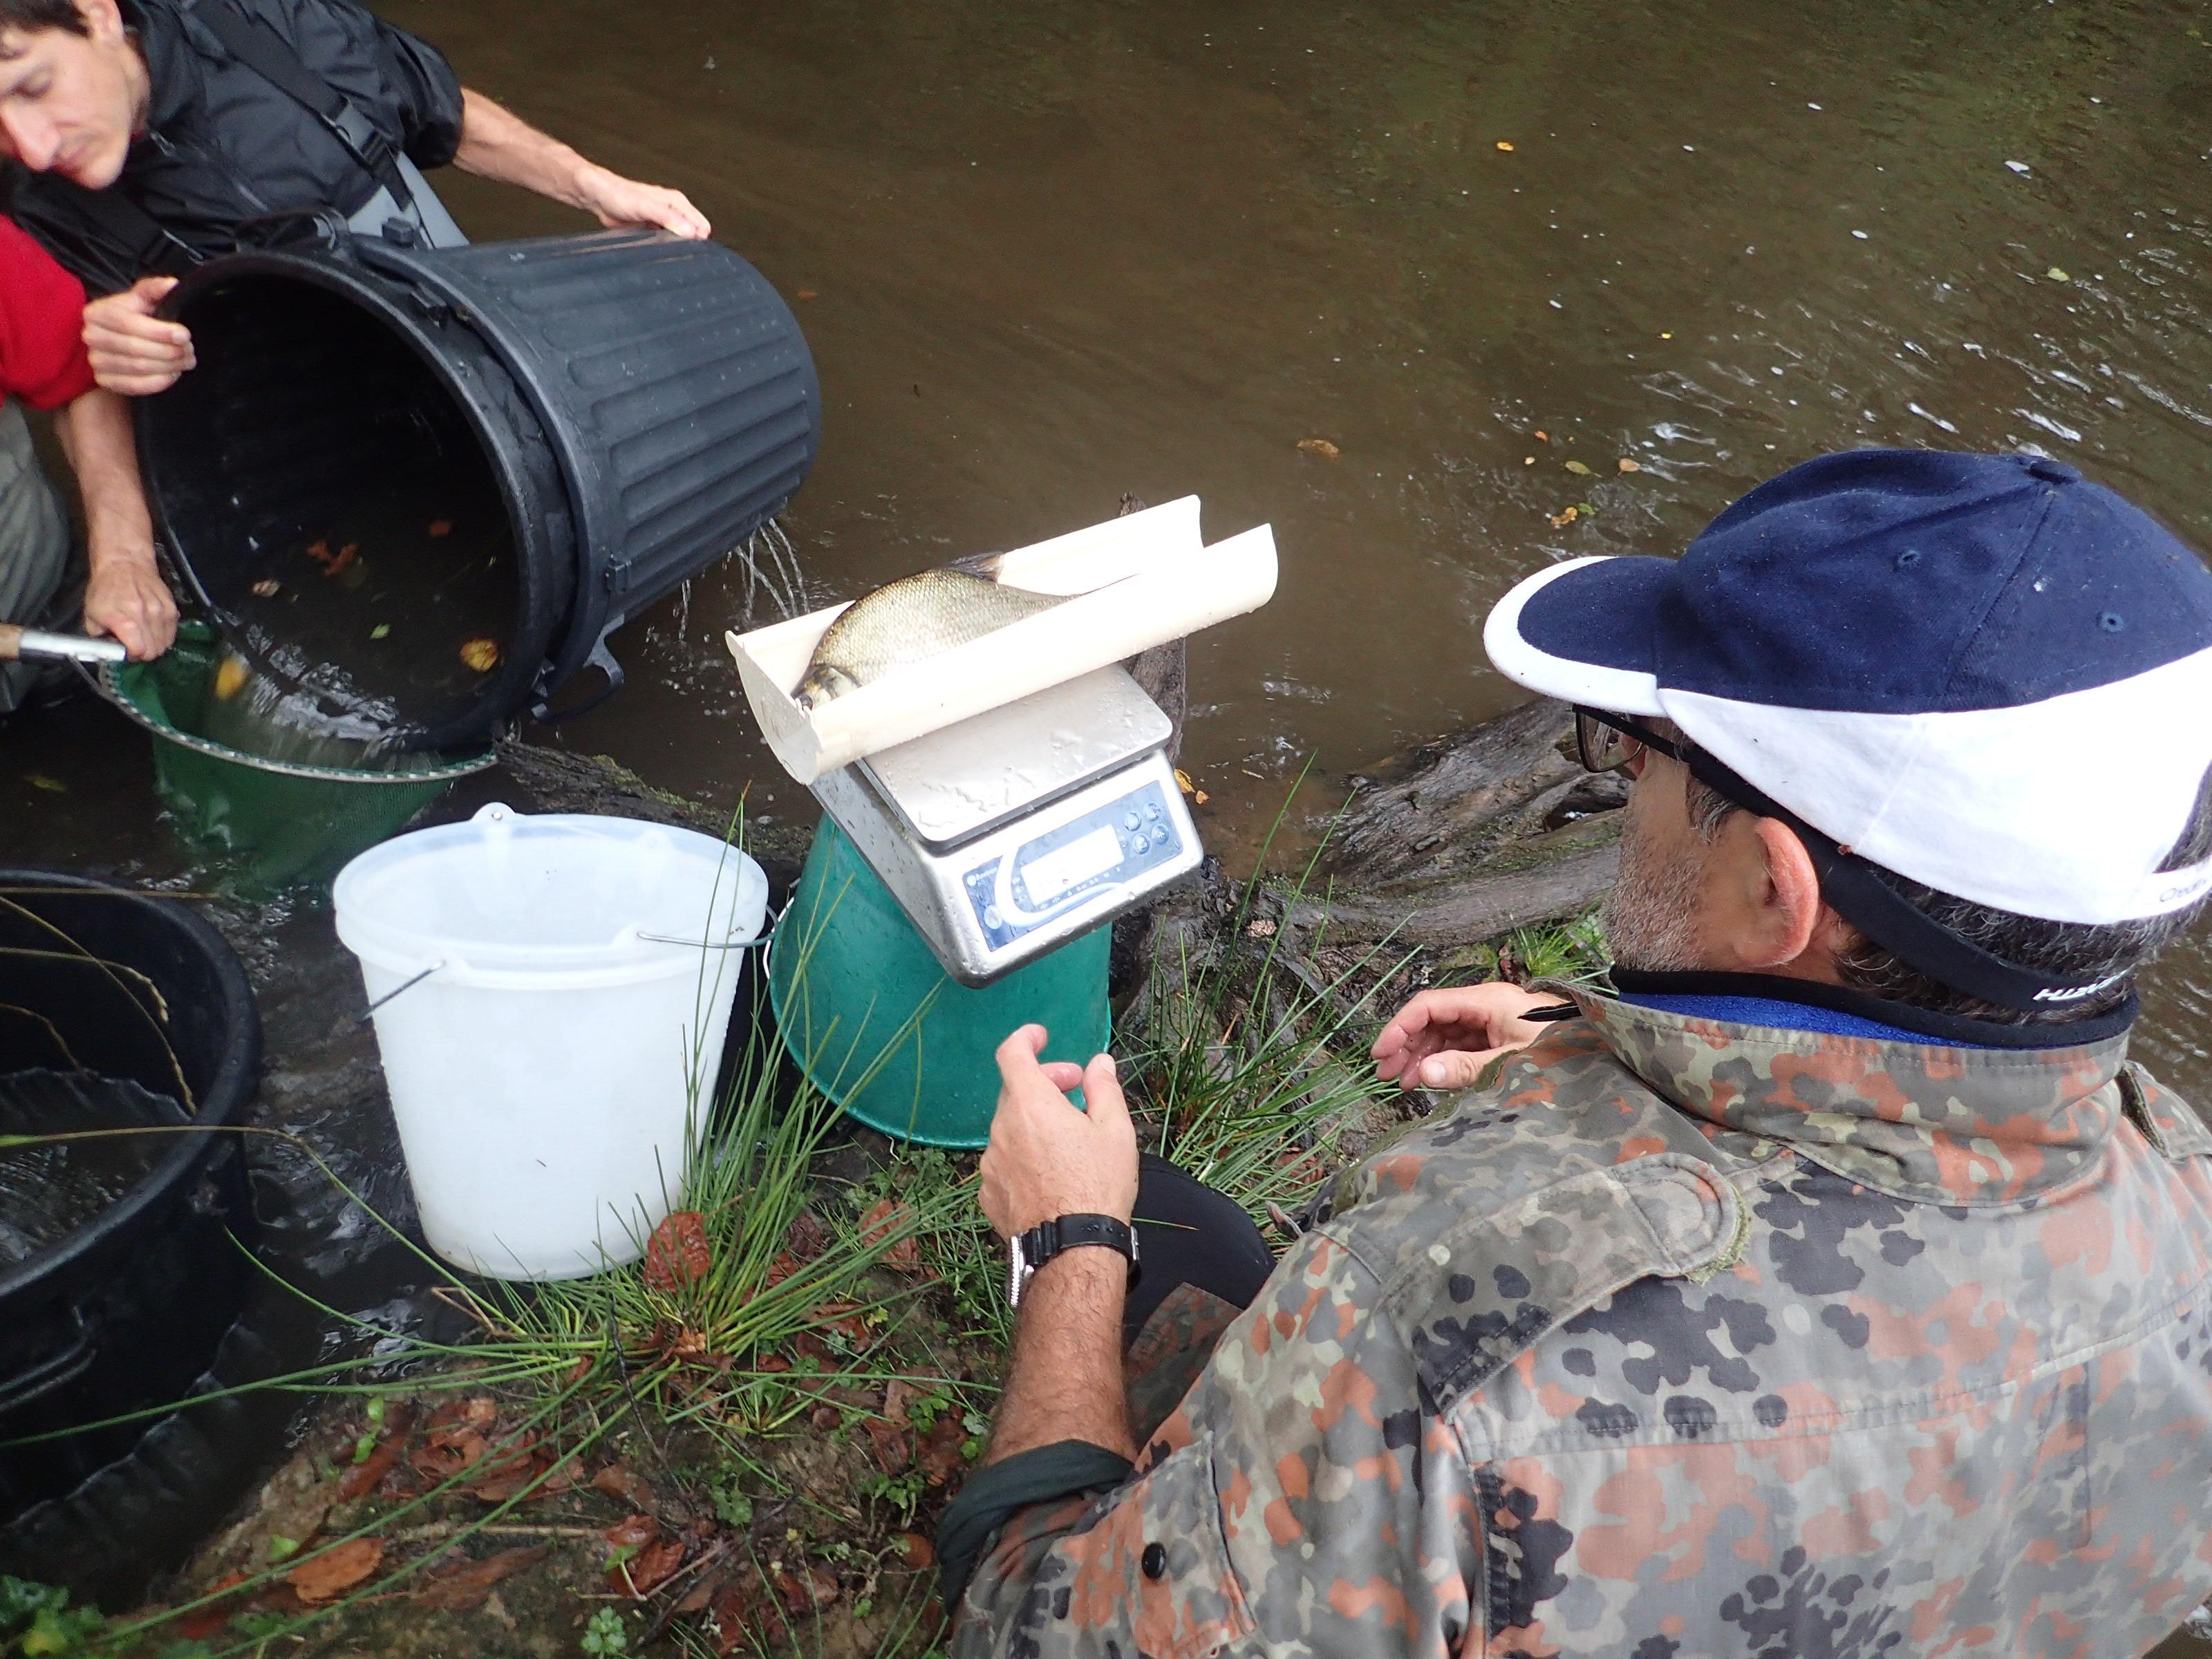 opération d'identification, mesure et pesage des poissons